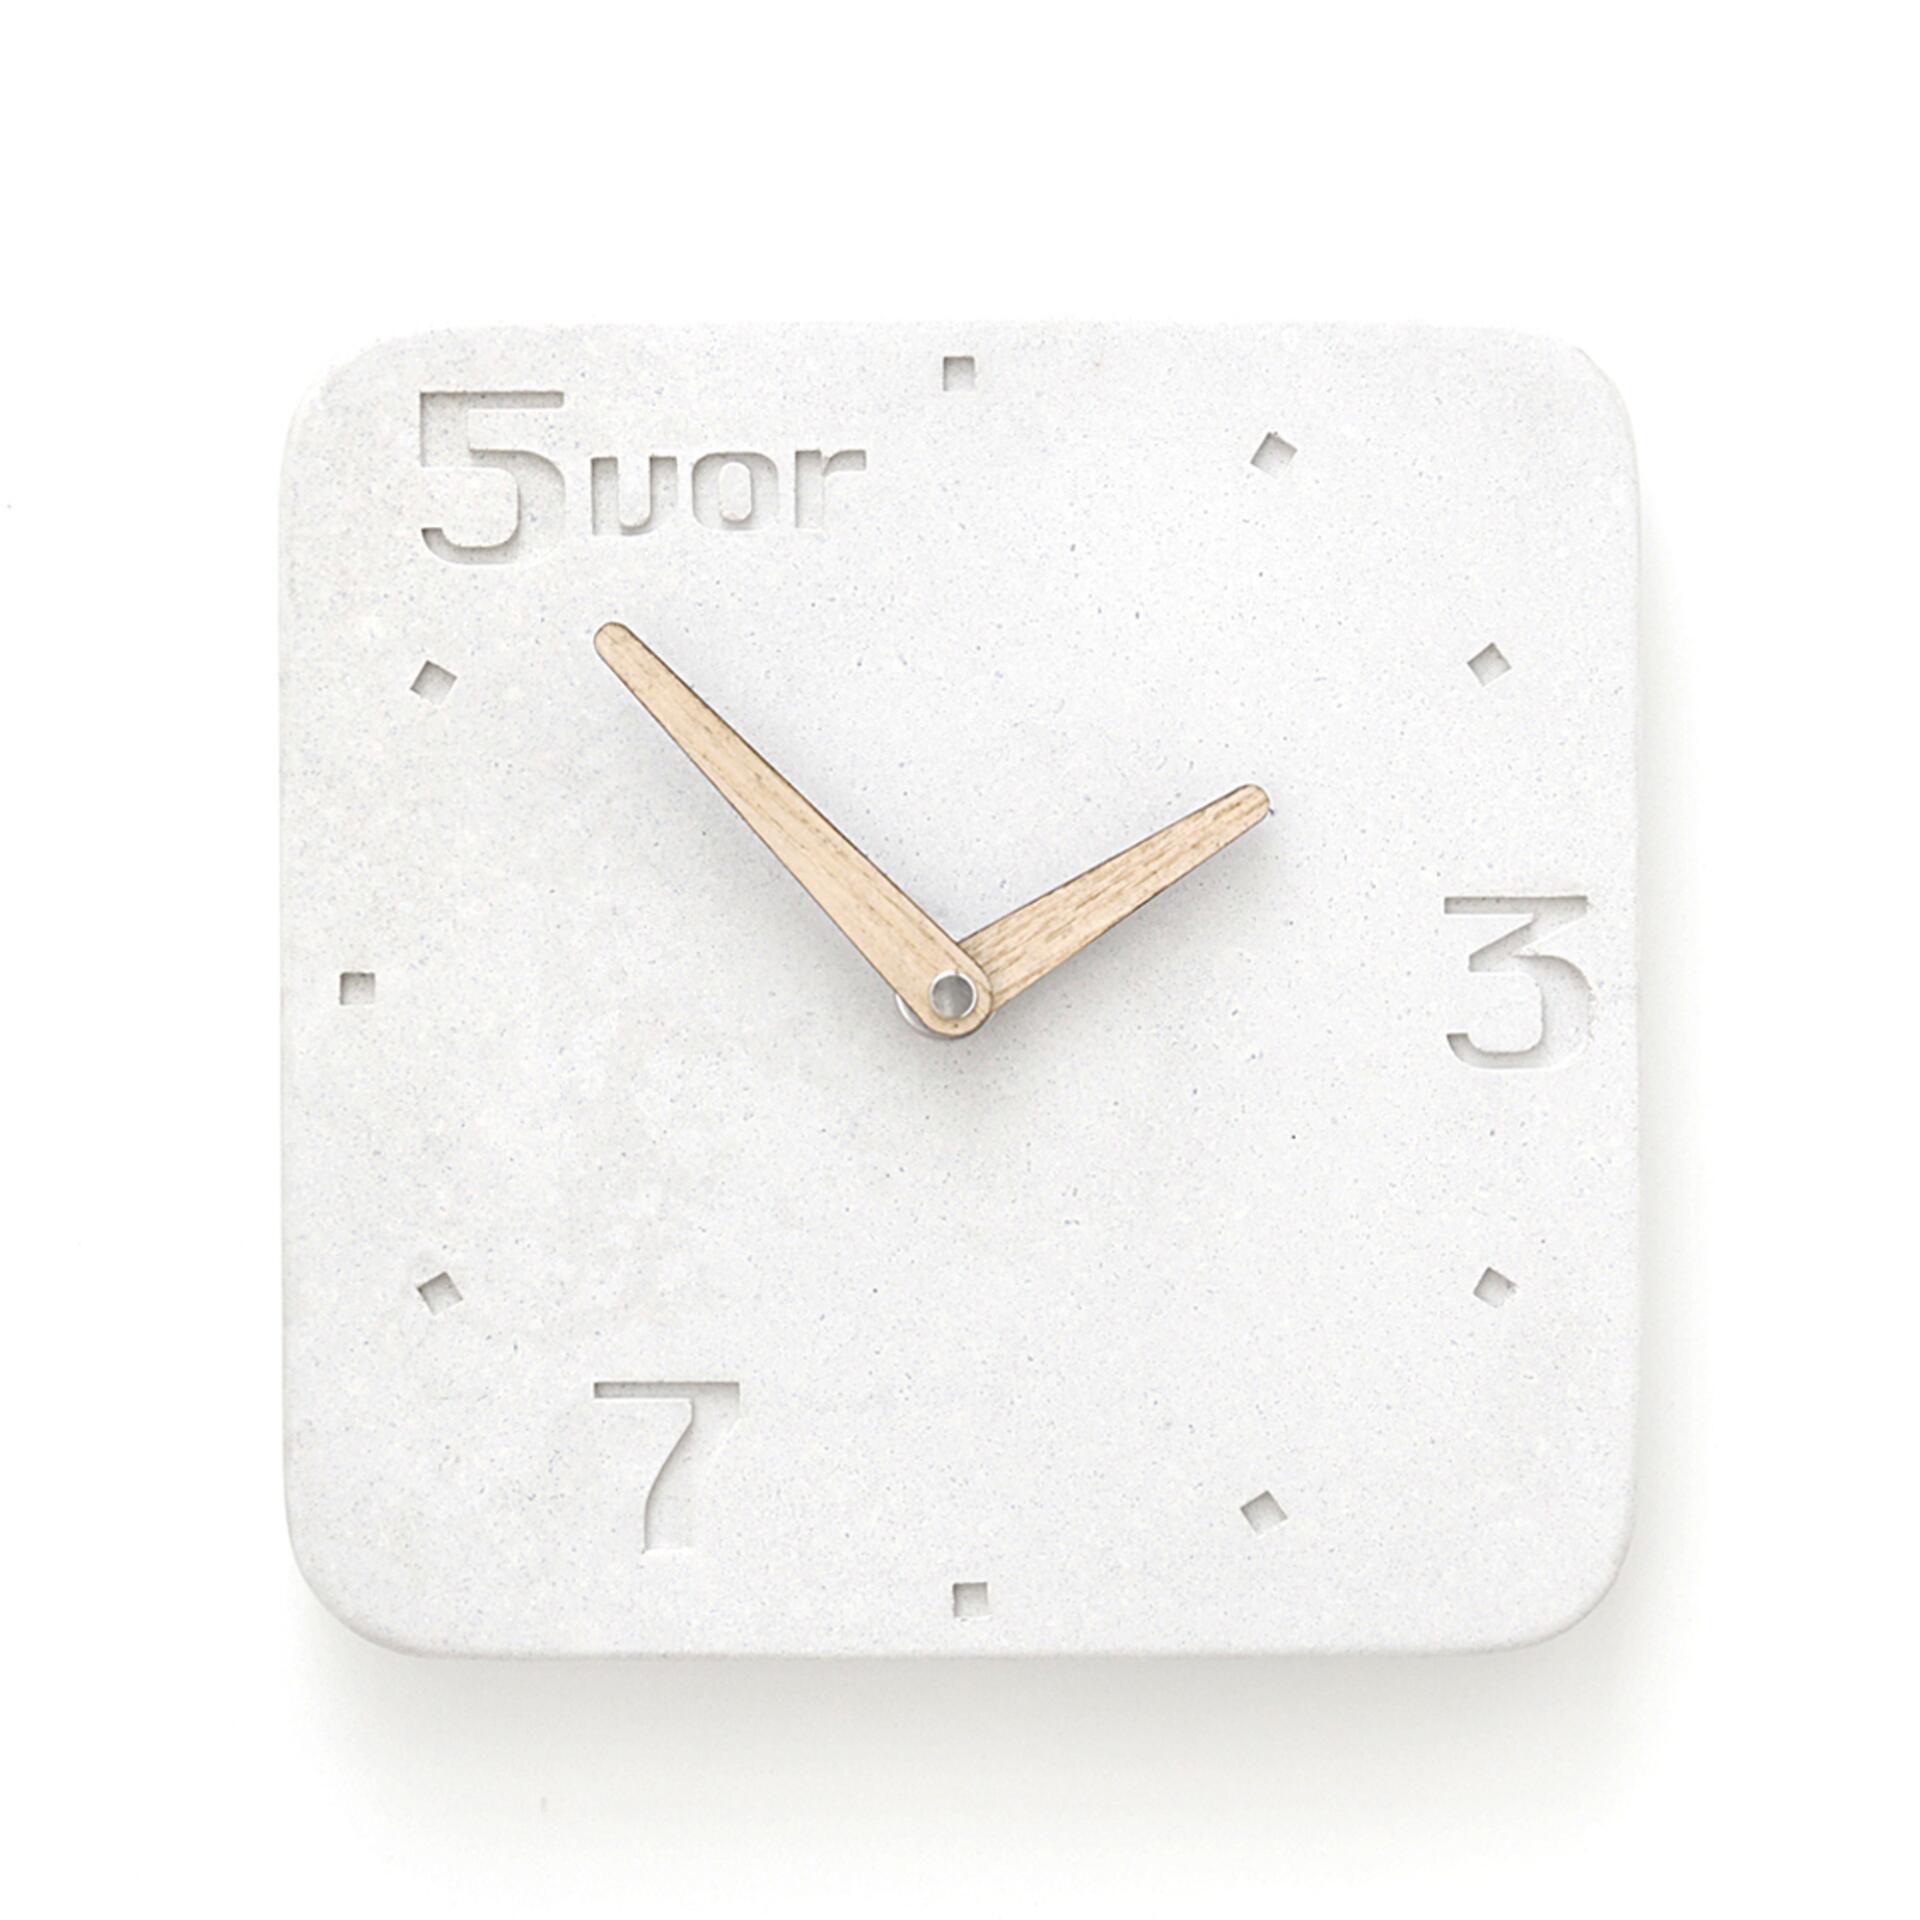 Wertwerke Wanduhr aus Beton 5VOR Weiß 20 x 20 cm Esche Vollflächig